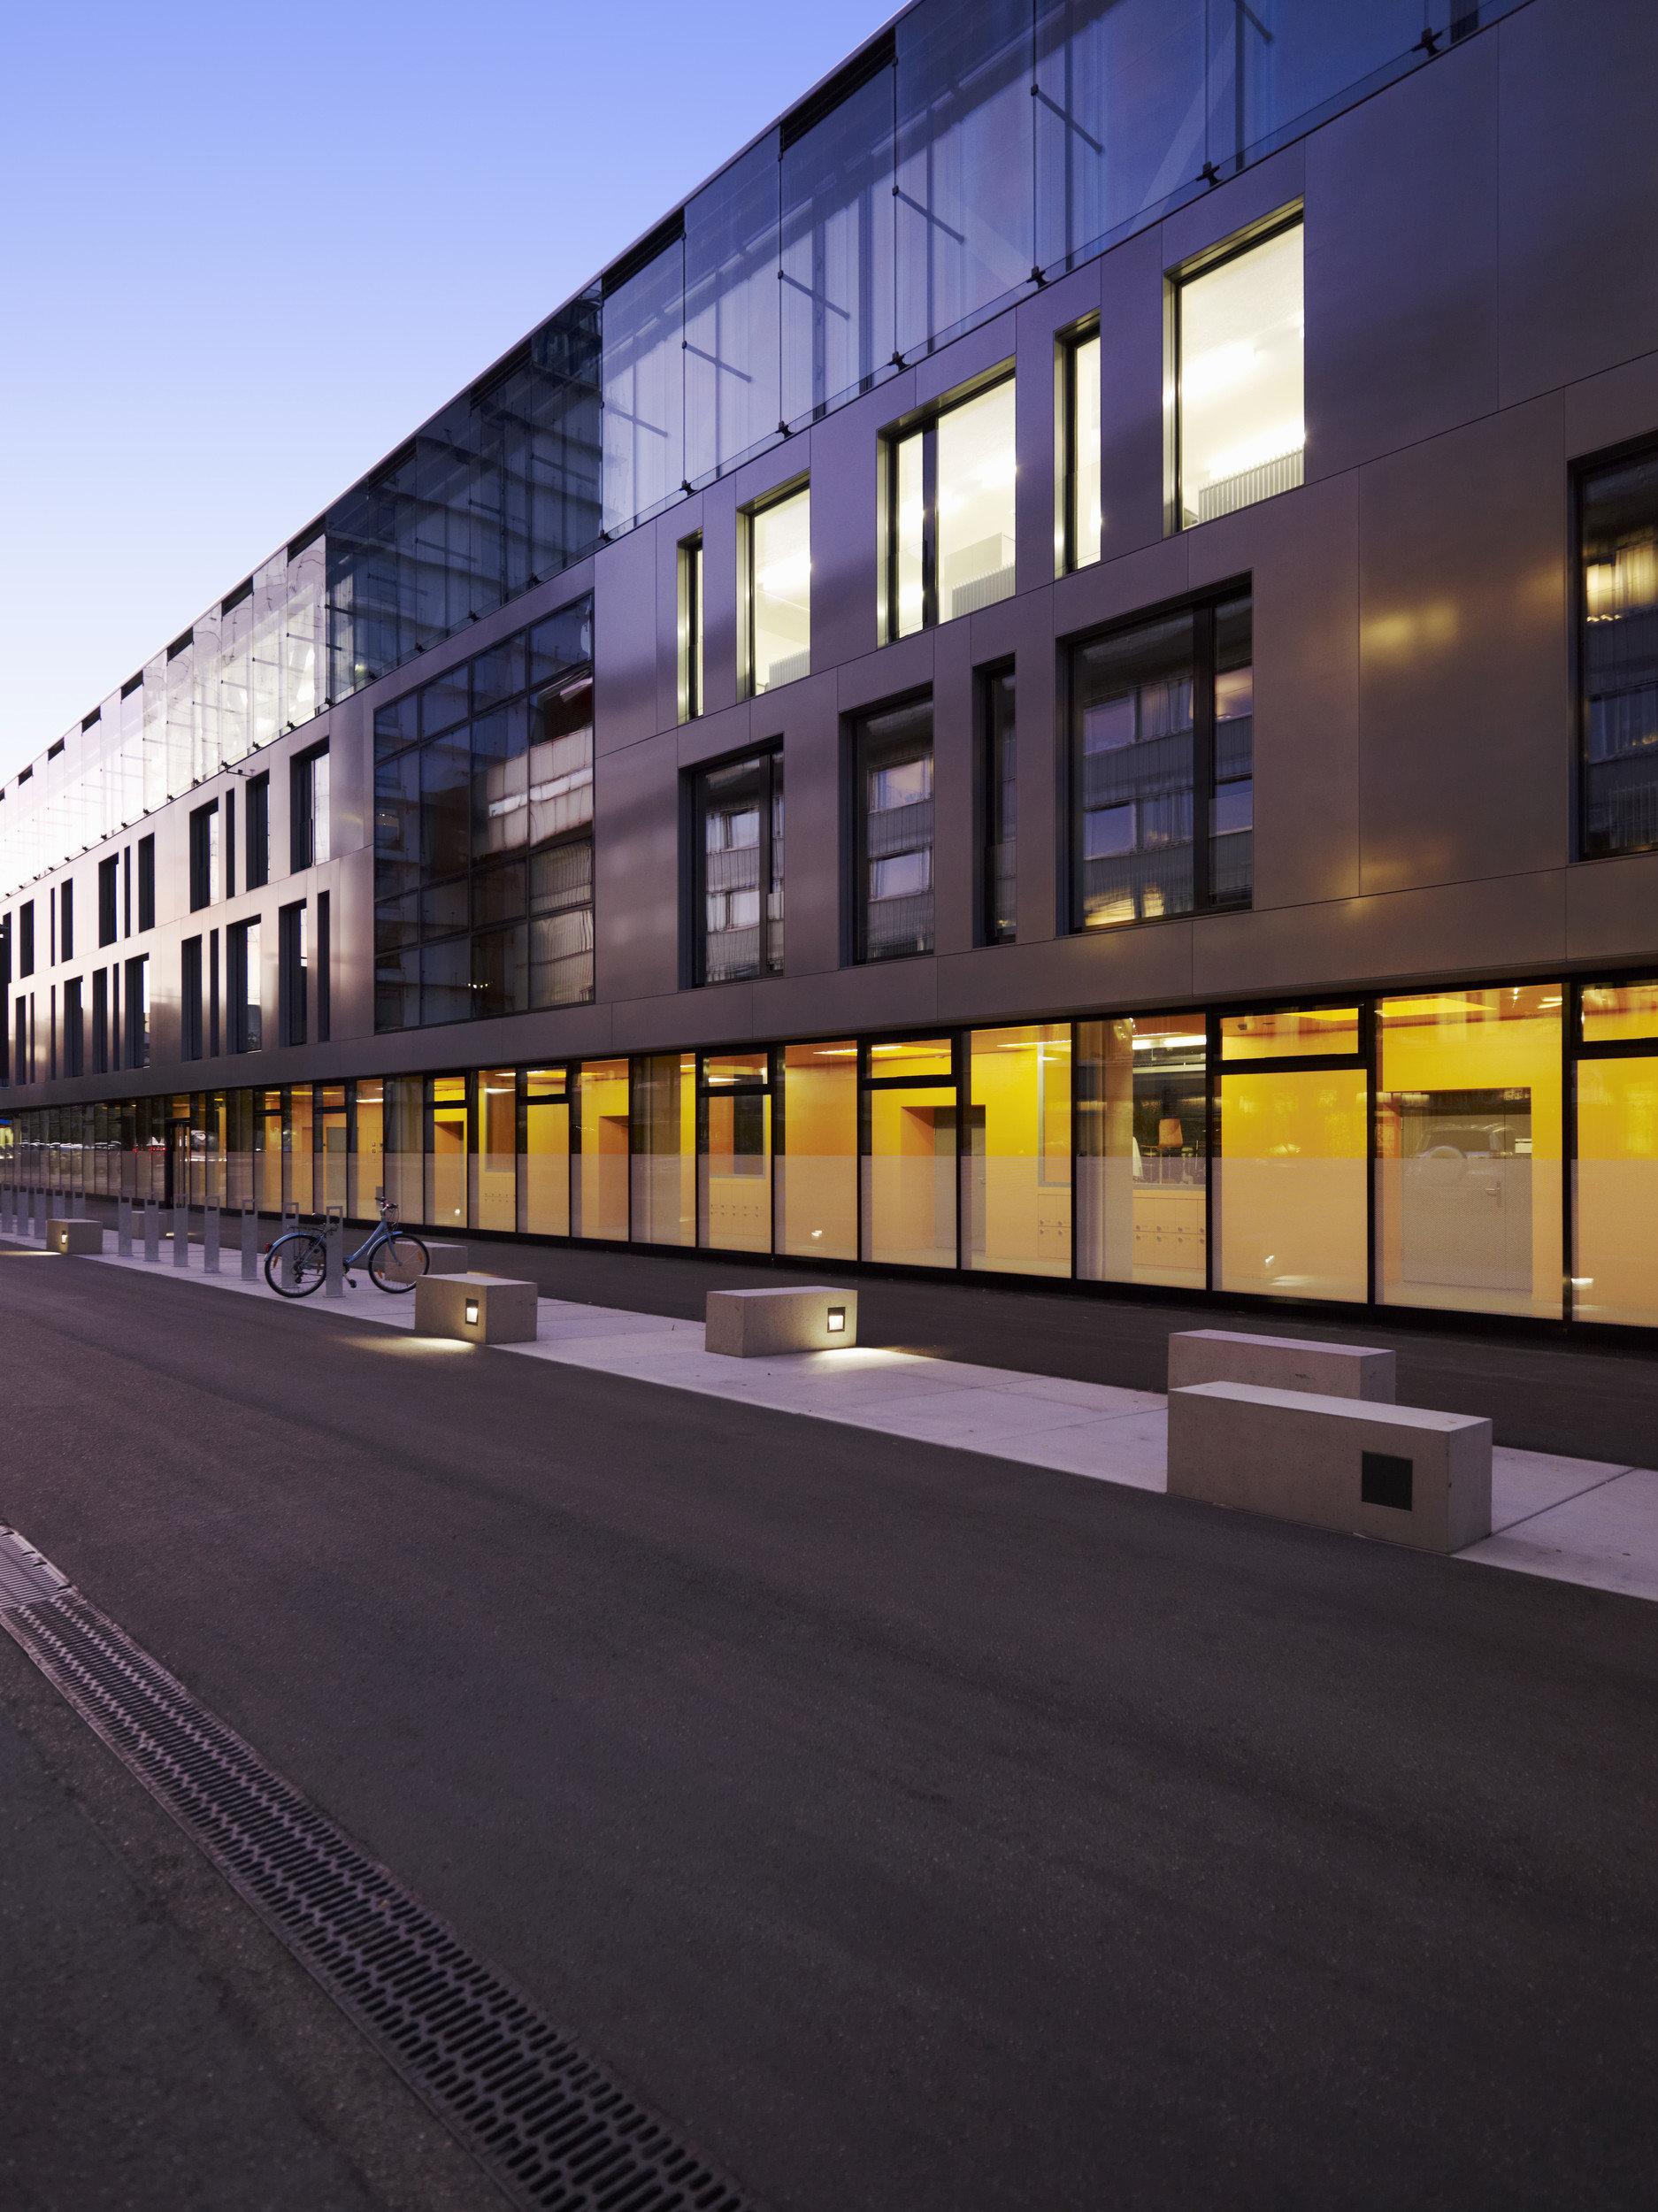 Langes Gebäude mit grosser Holzfassade und grossen Holz-Metallfenster